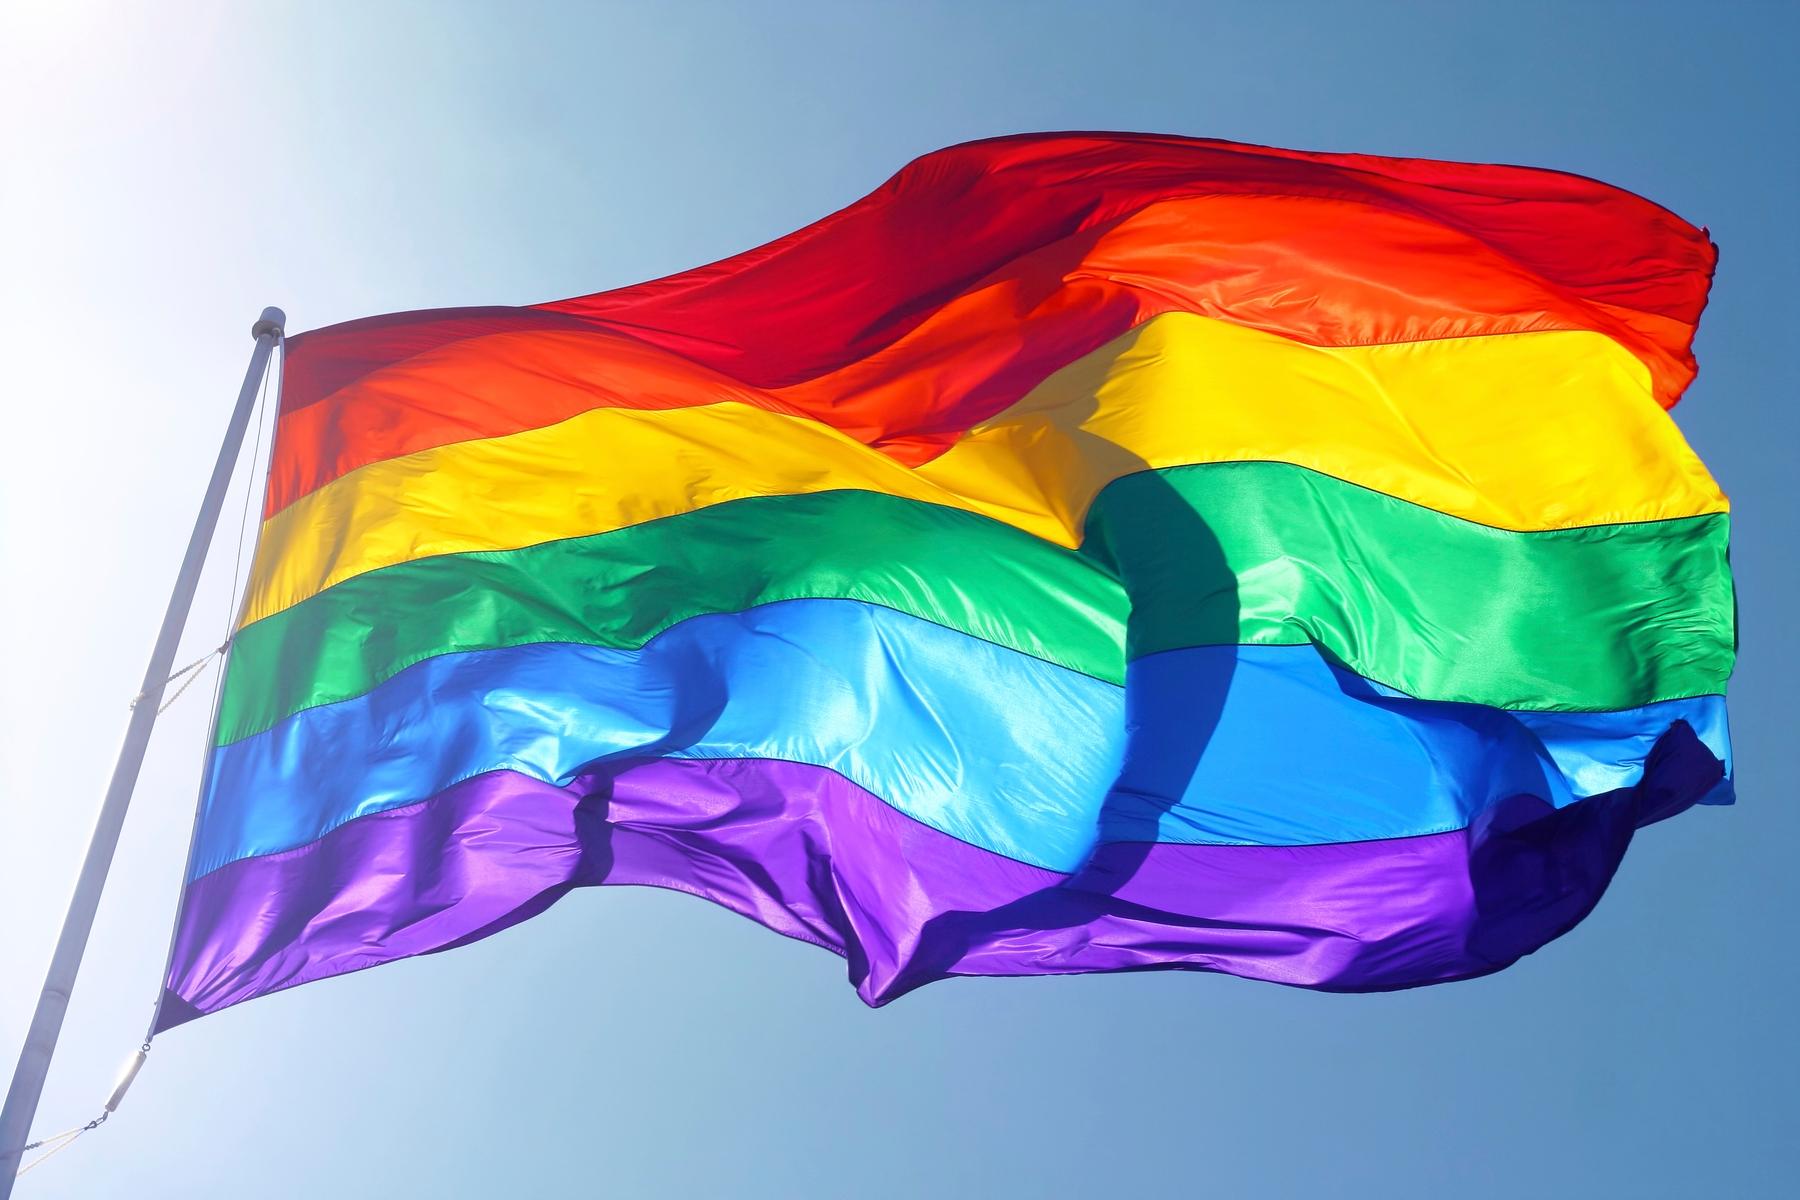 Rainbow-coloured Pride flag flying against a blue sky